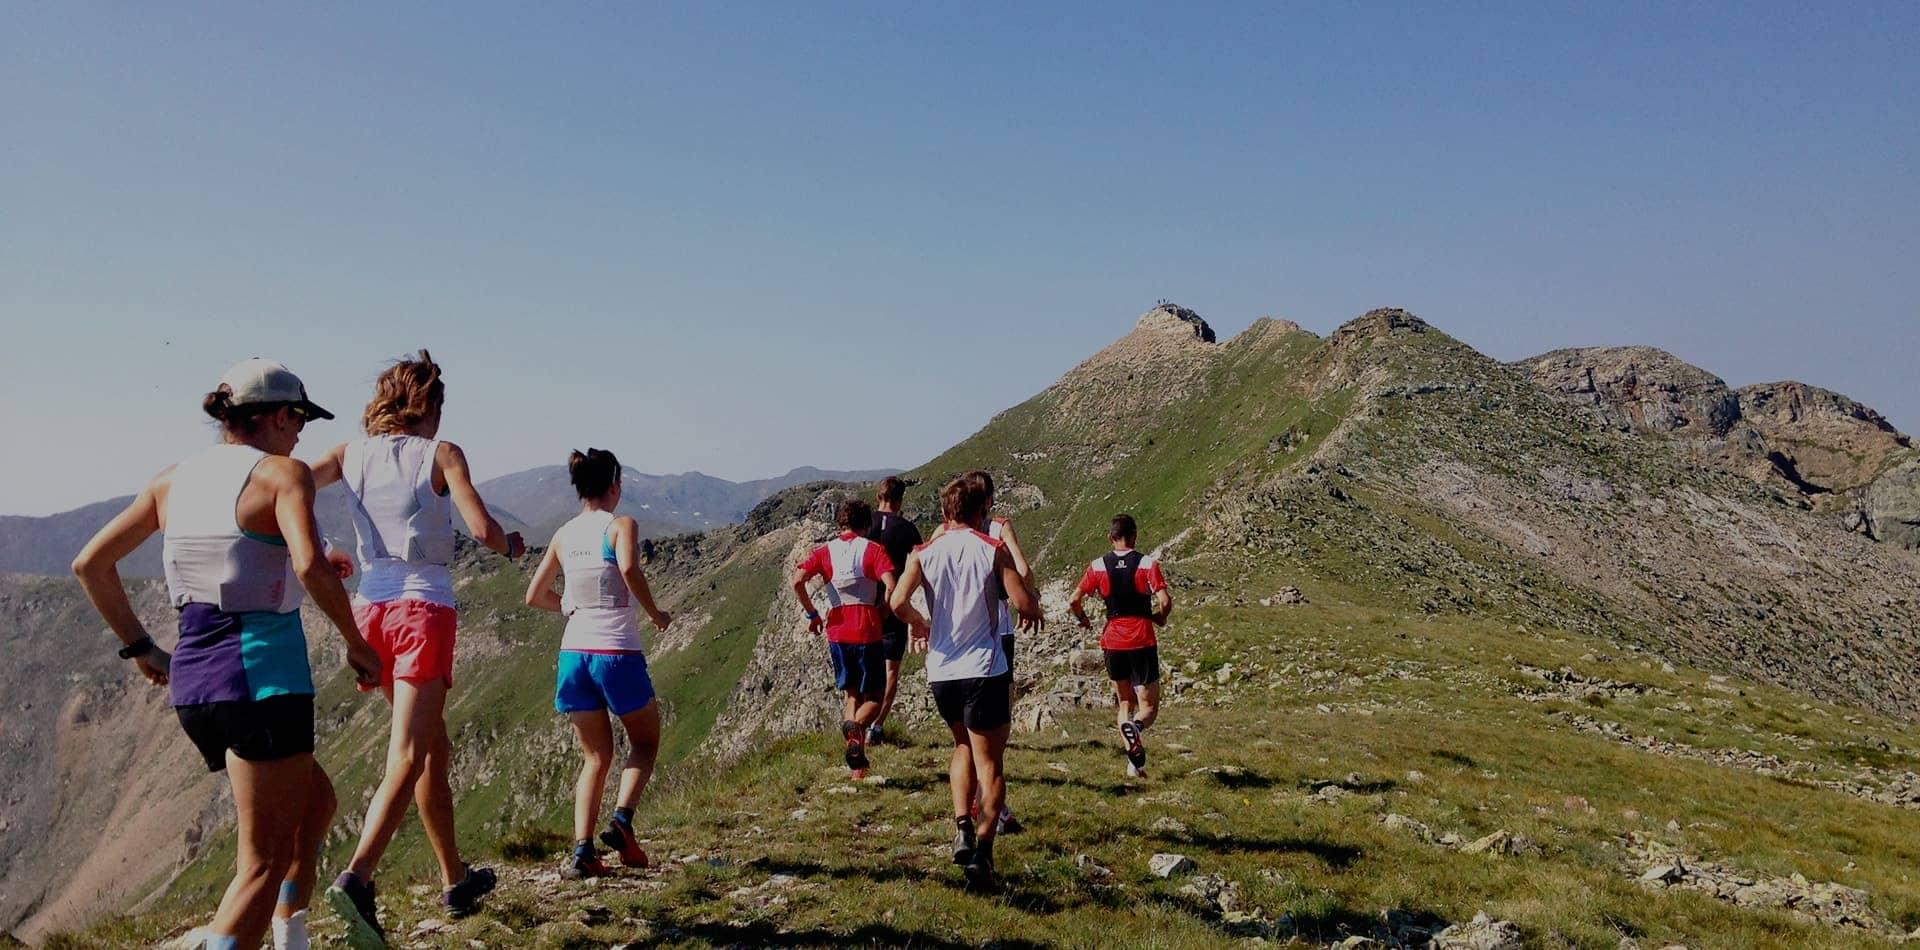 Activités sportives lors de l' organisation de stages sportifs dans les PO, séminaires d'entreprises, évènementiel sportif, séjours en montagne